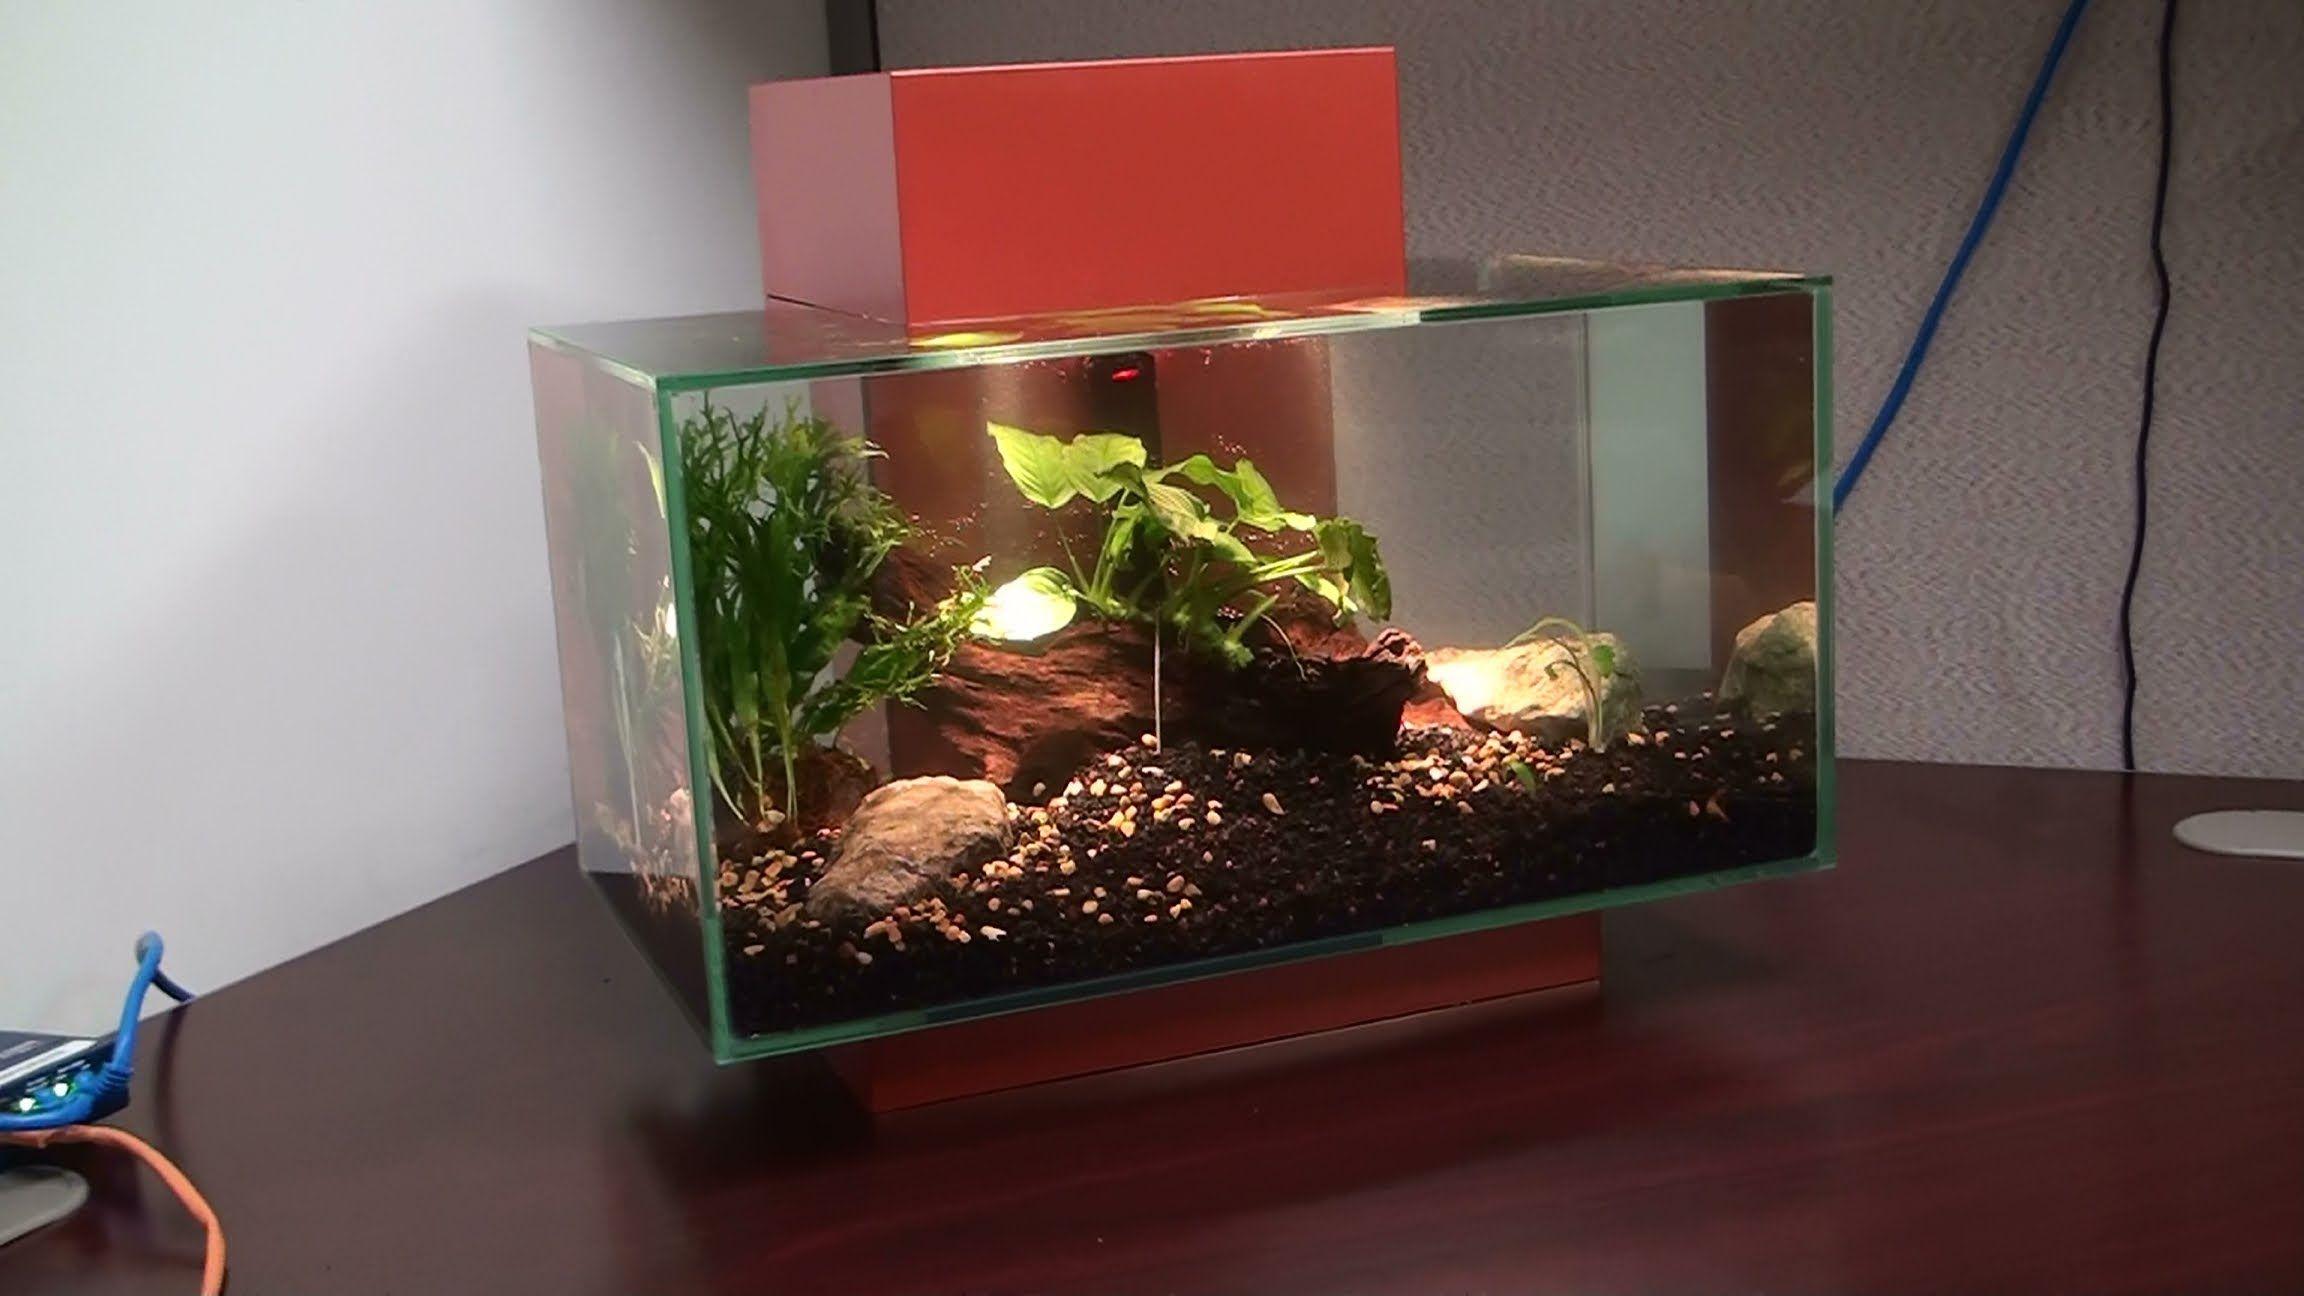 Freshwater aquarium fish boise idaho - Watches